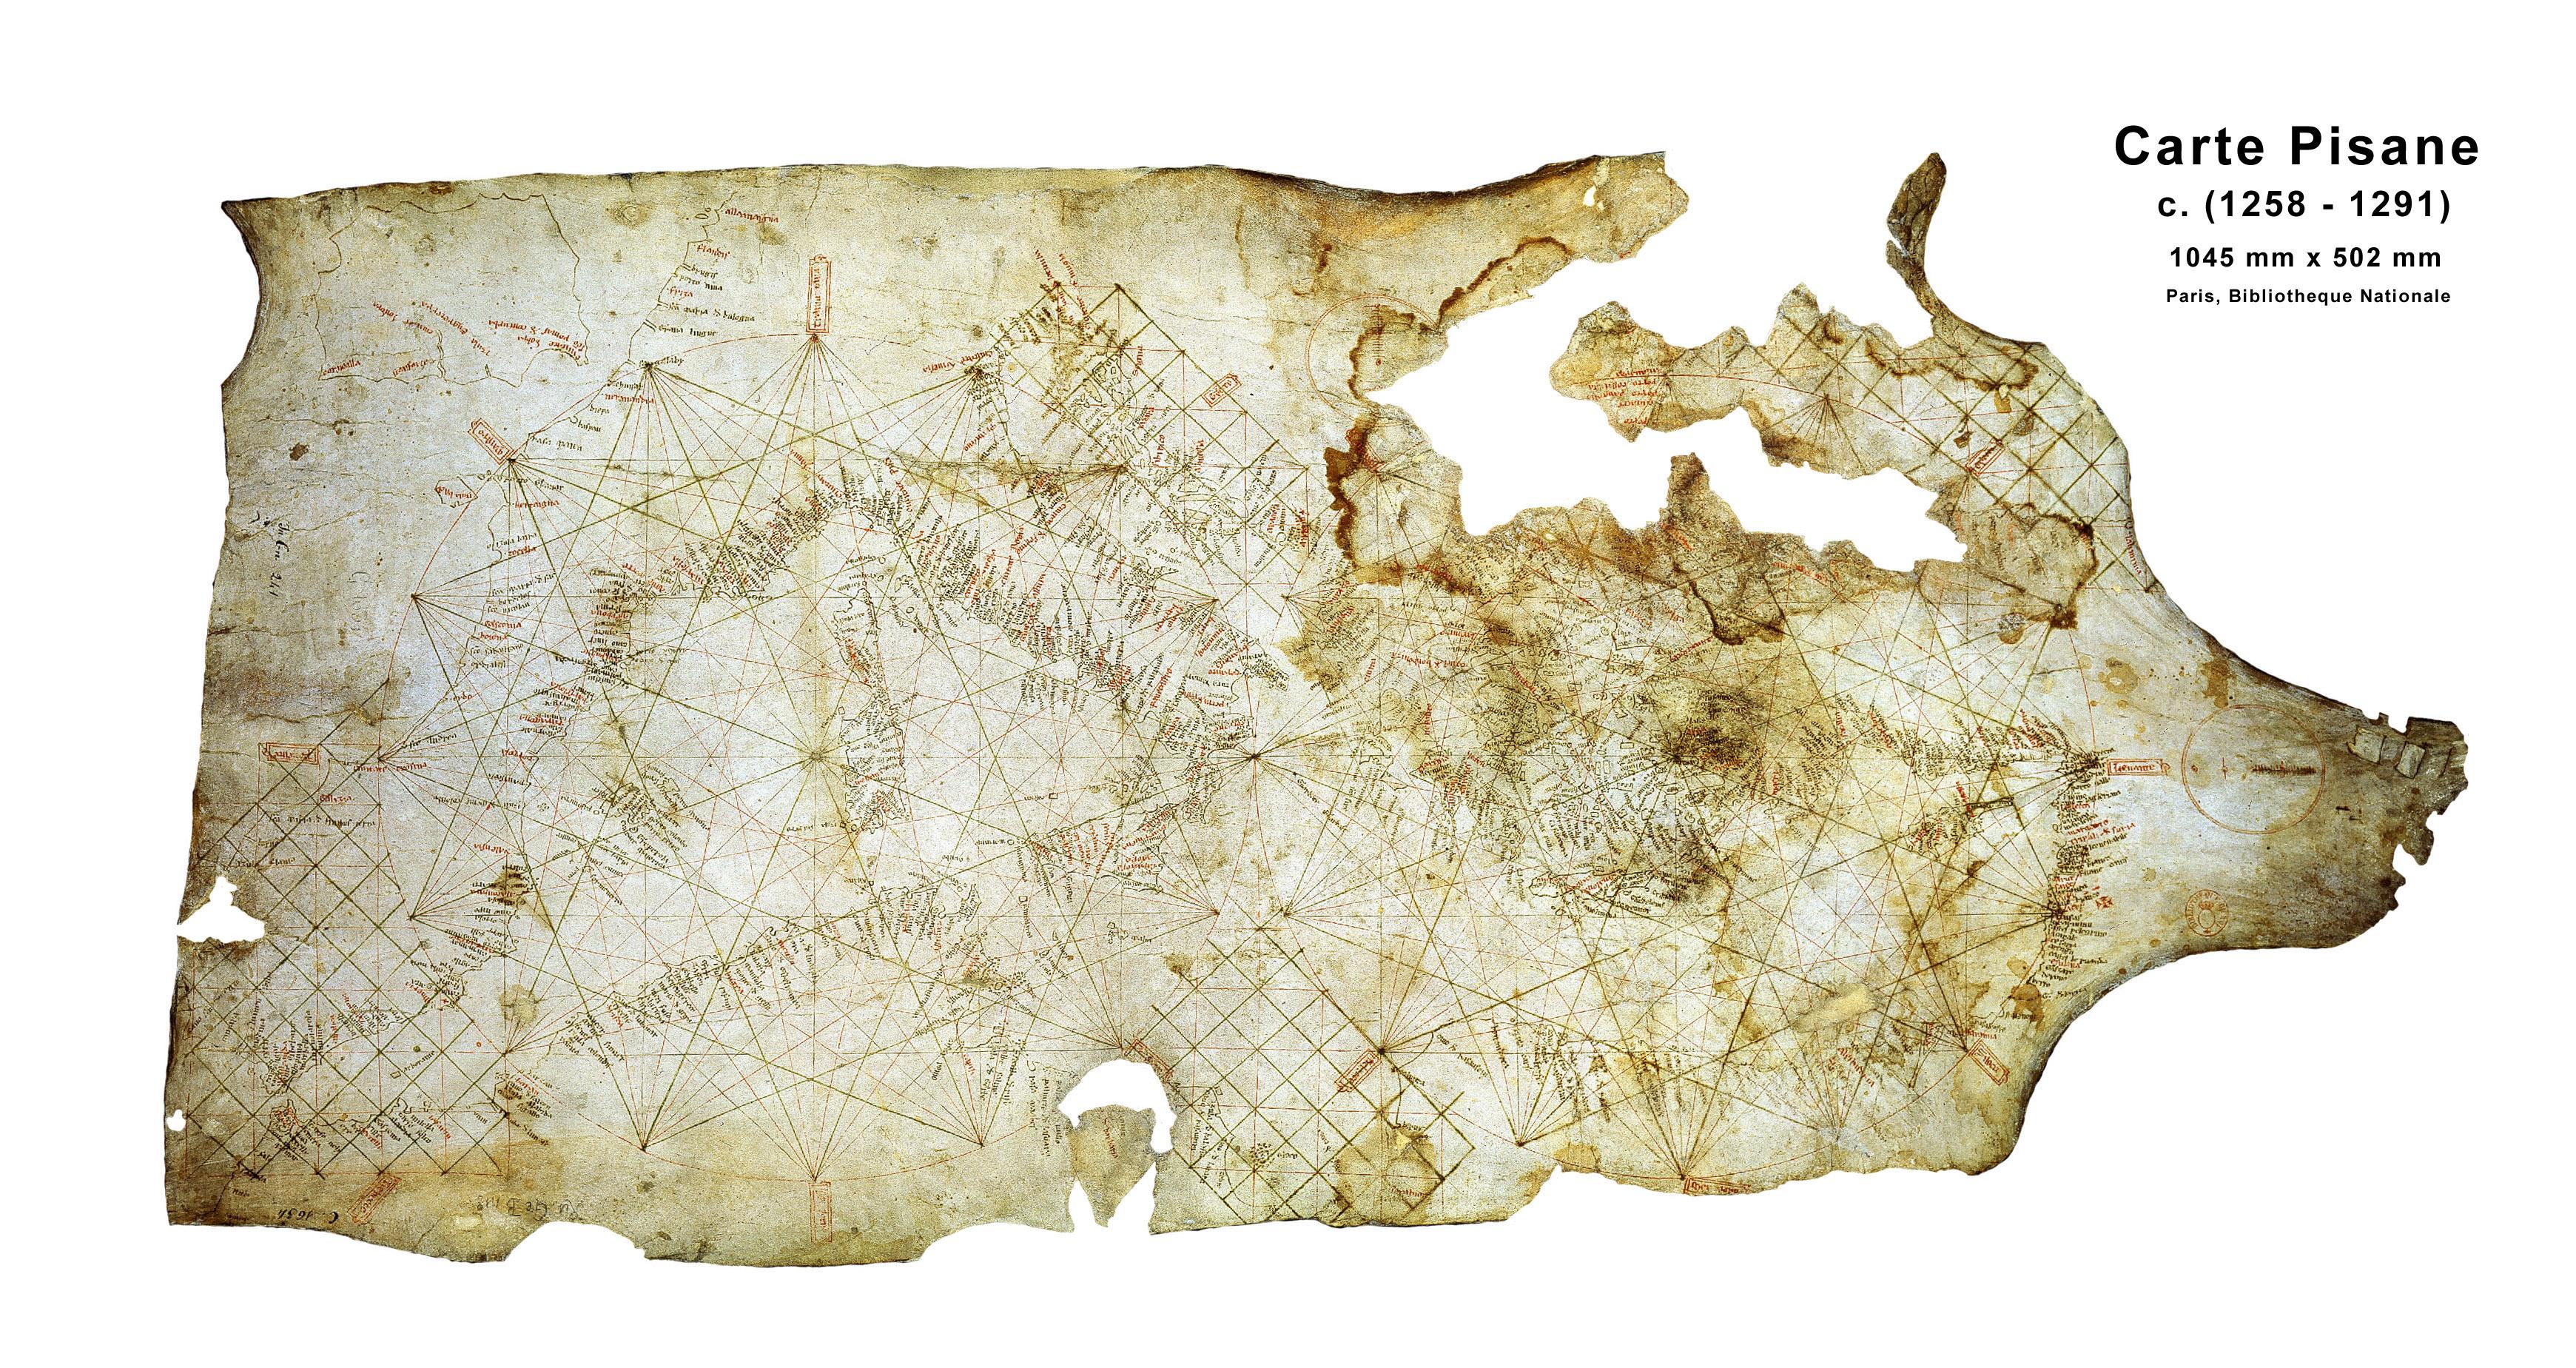 La Carta Pisana és el portolà més antic, dibuixat entre el 1275 i el 1300.